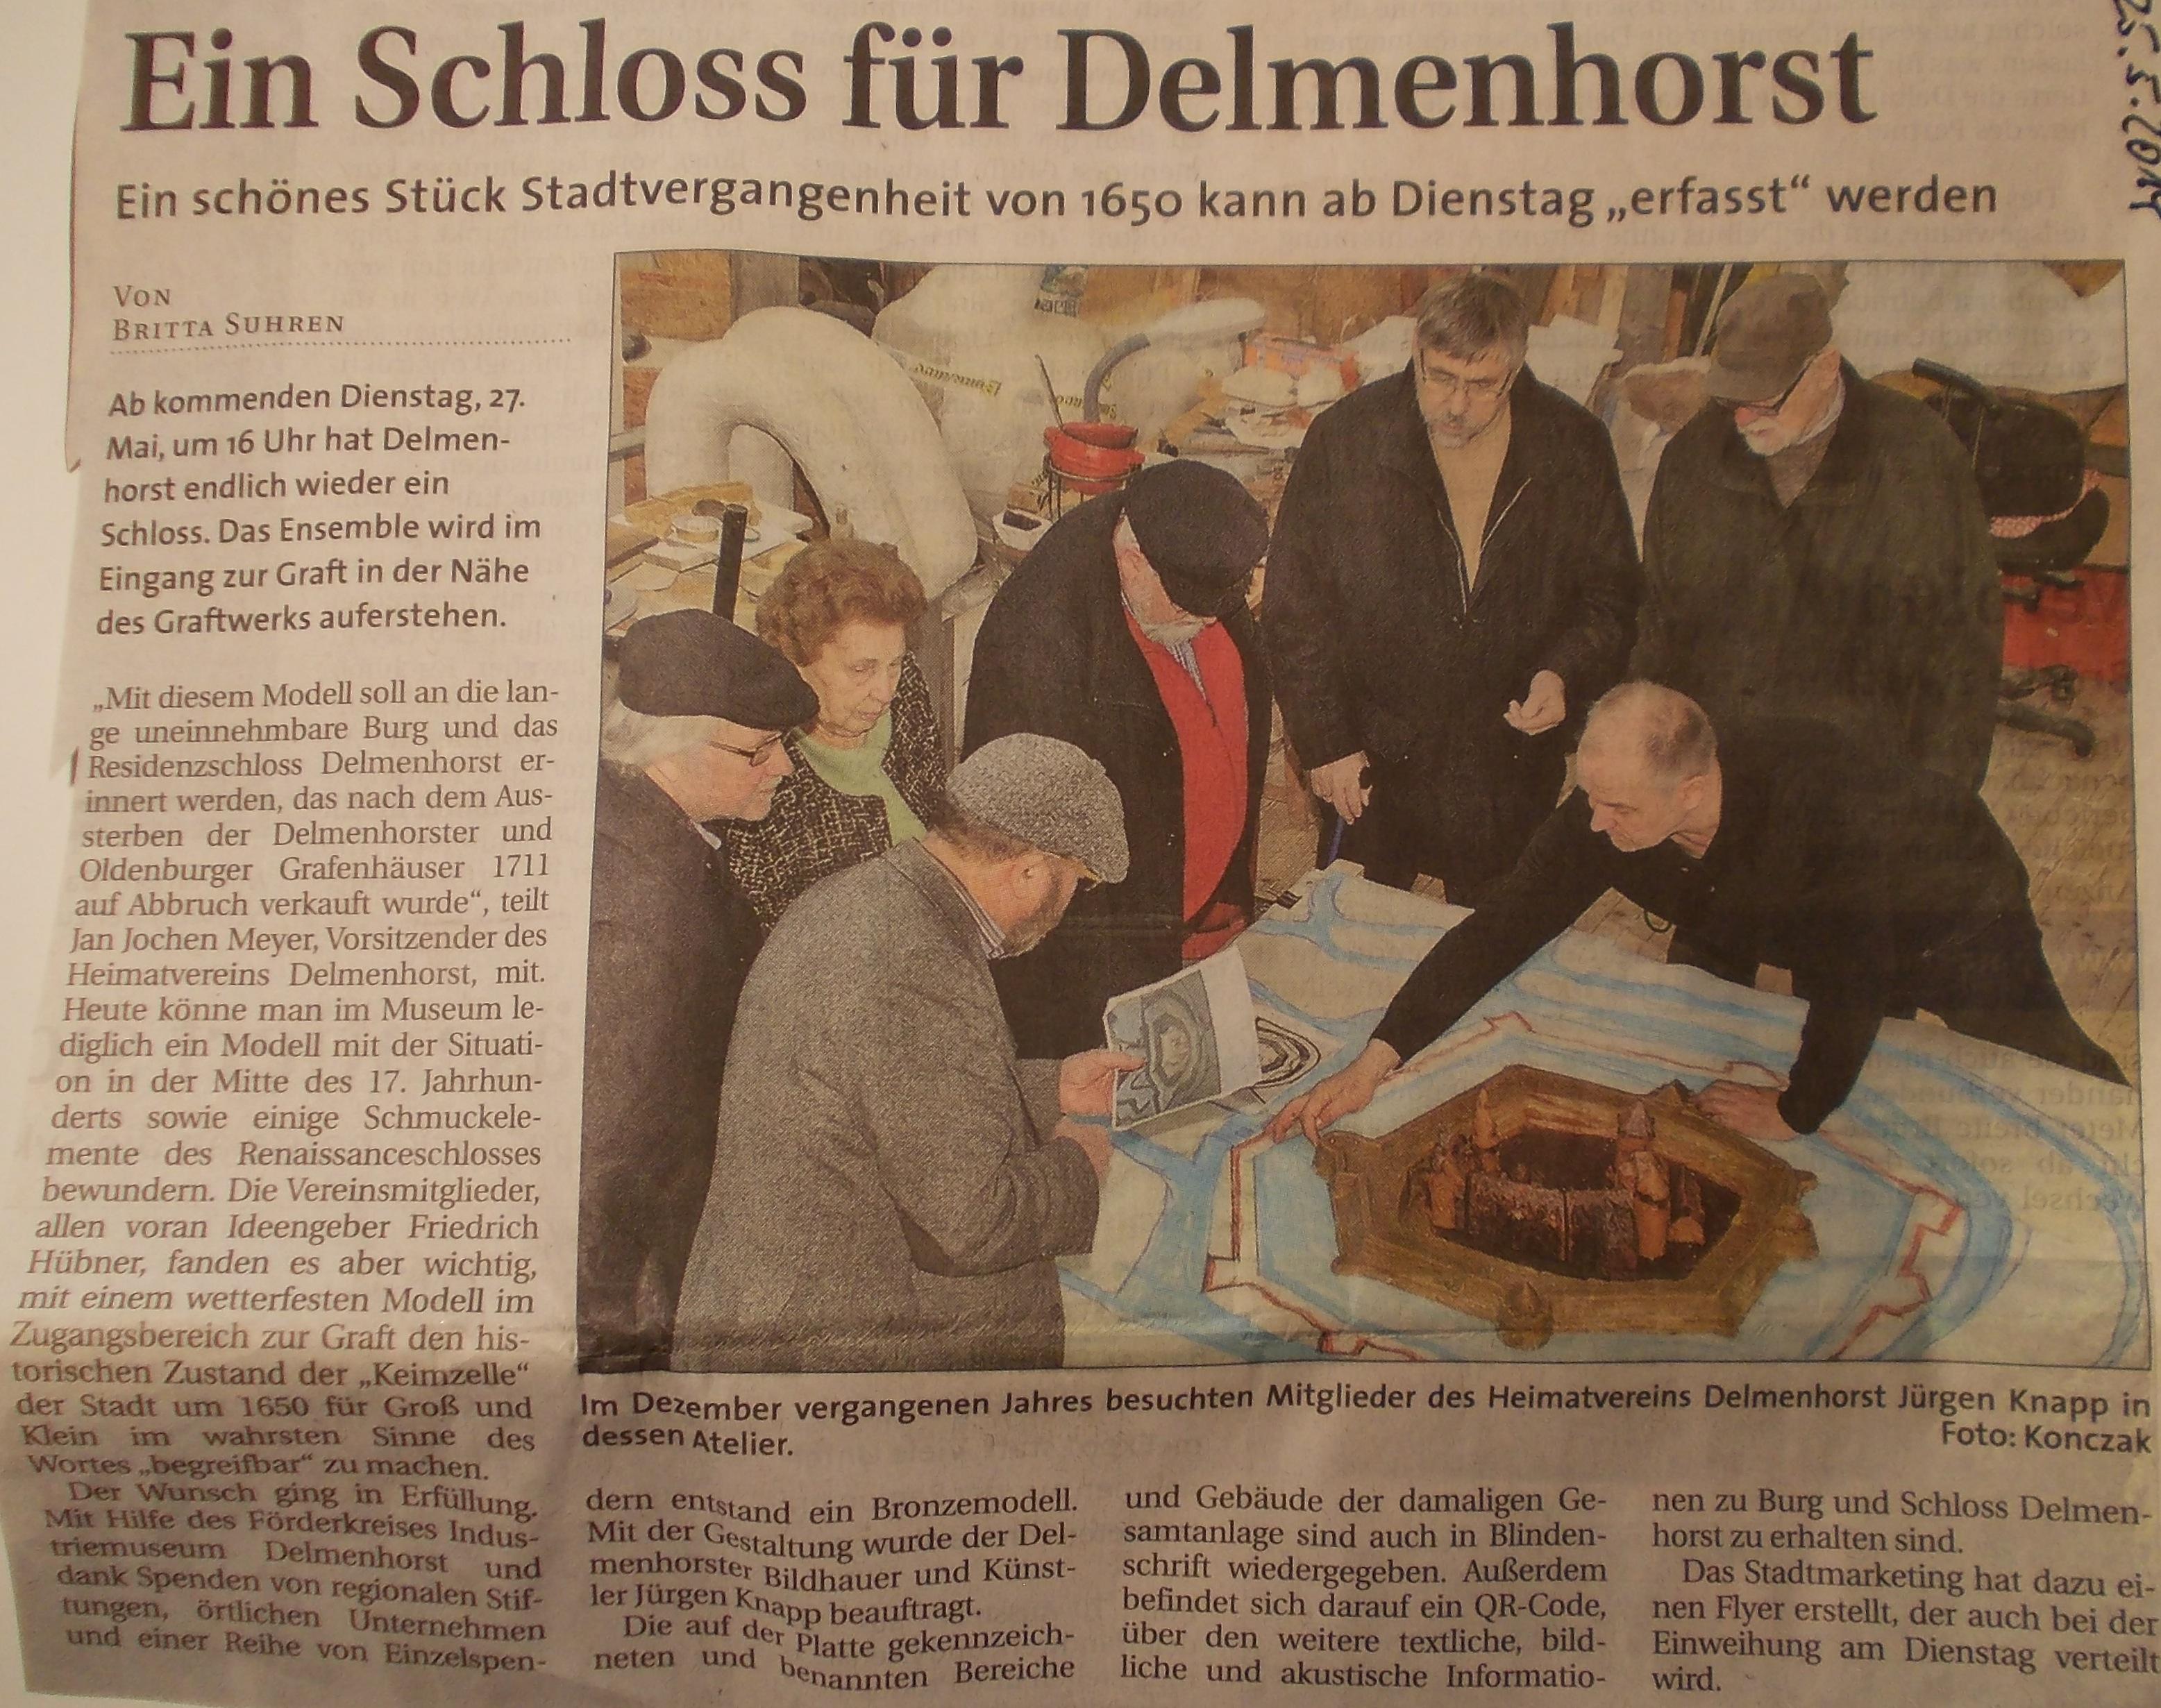 Pressebericht, Ein Schloss für Delmenhorst, Delmenhorster-Report